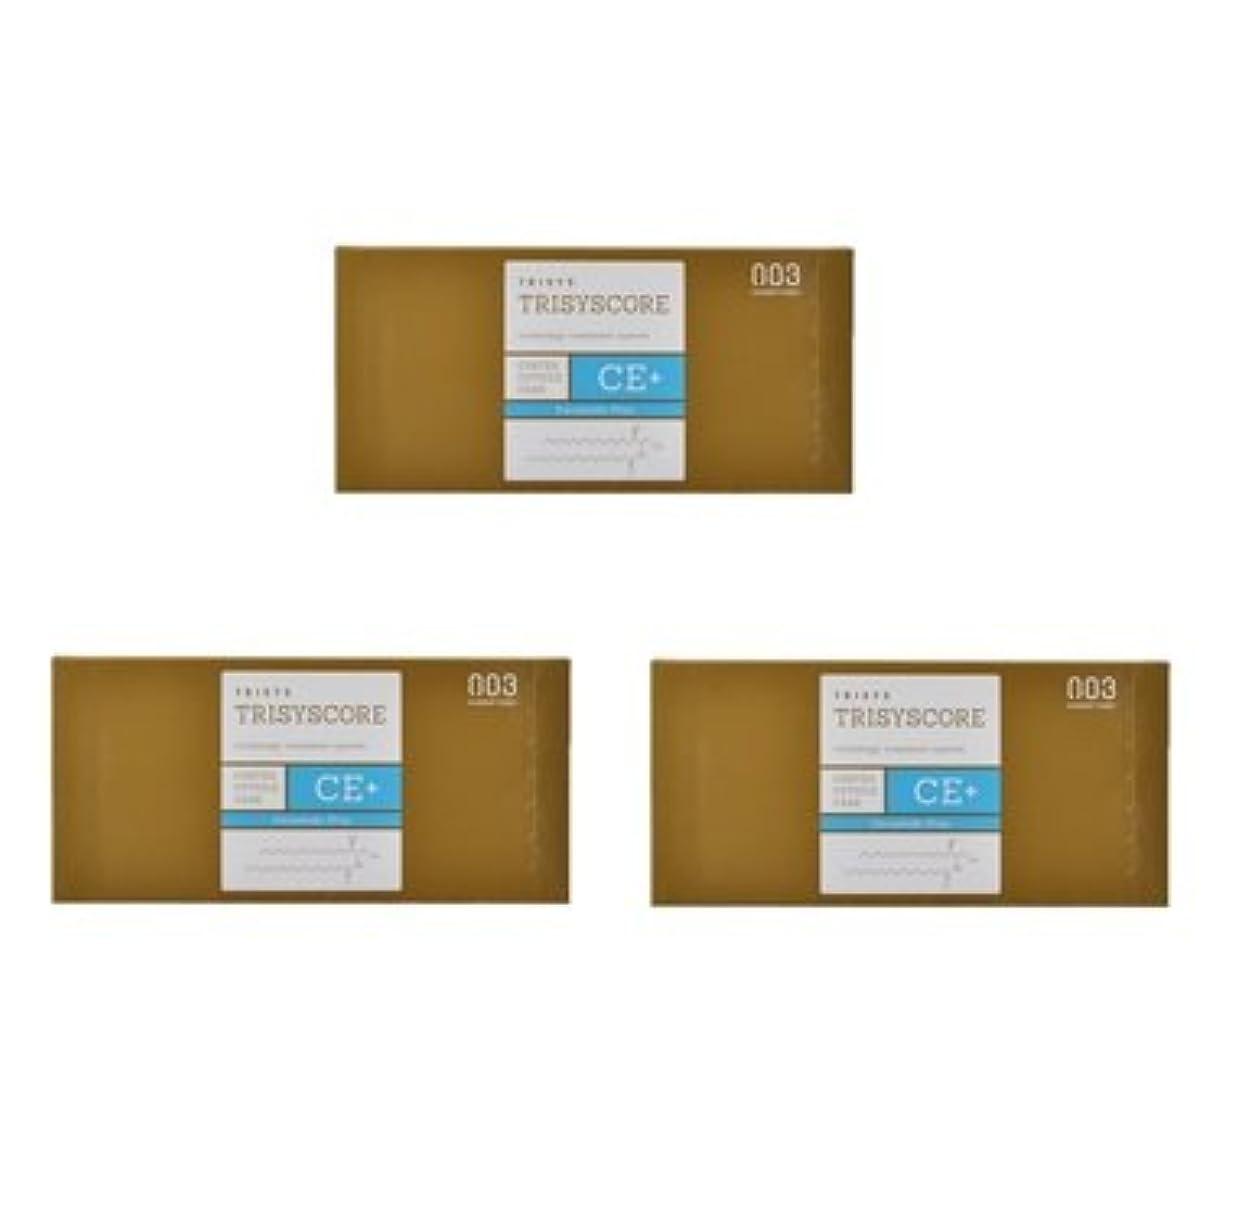 【X3個セット】ナンバースリー トリシスコア CEプラス (ヘアトリートメント) 12g × 4包入り